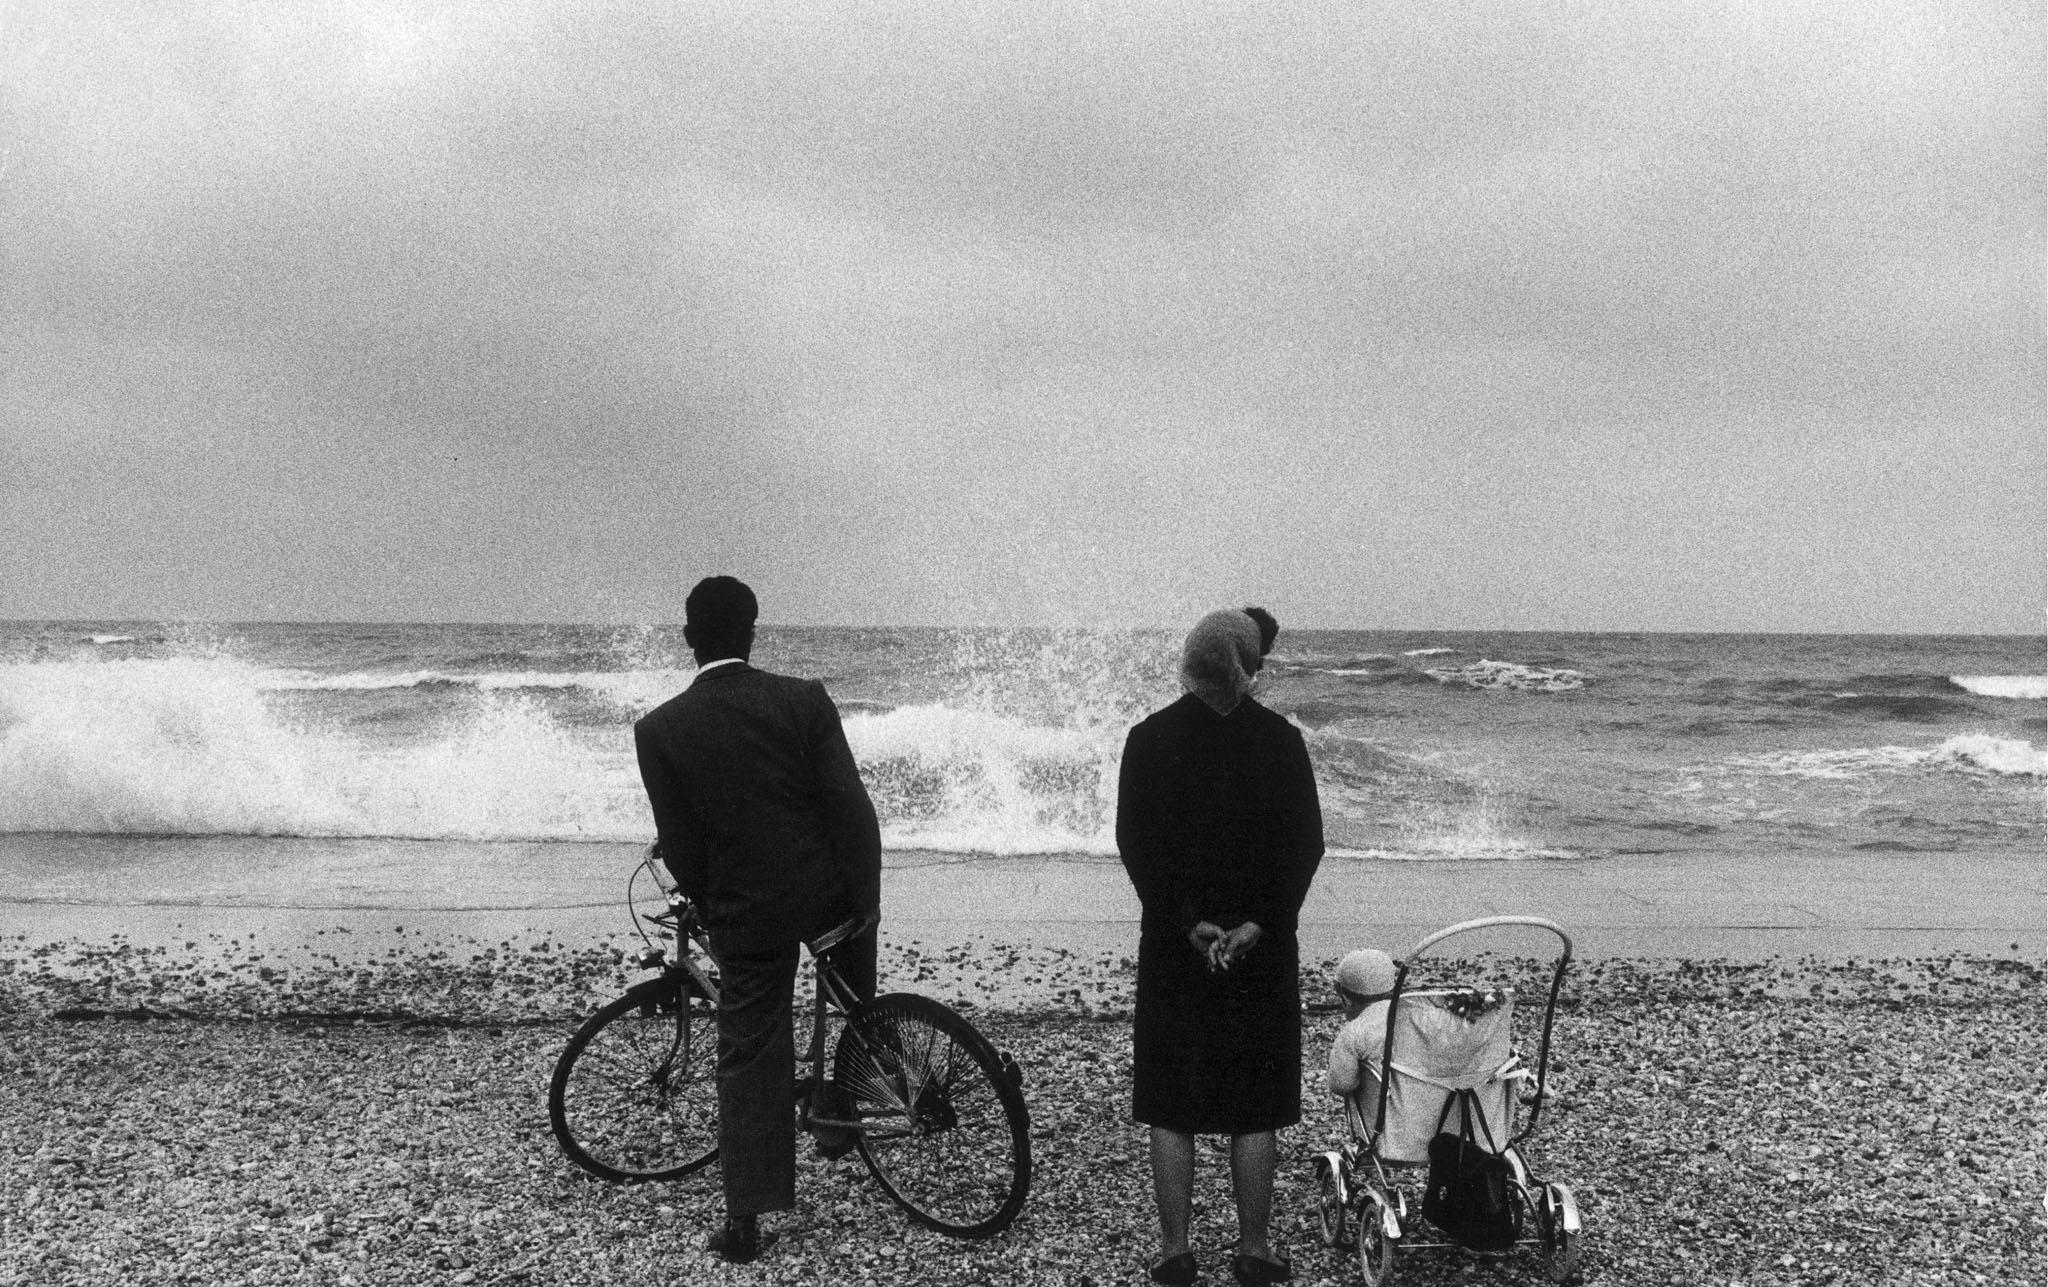 ©-Gianni-Berengo-Gardin-Lido-di-Venezia-1959